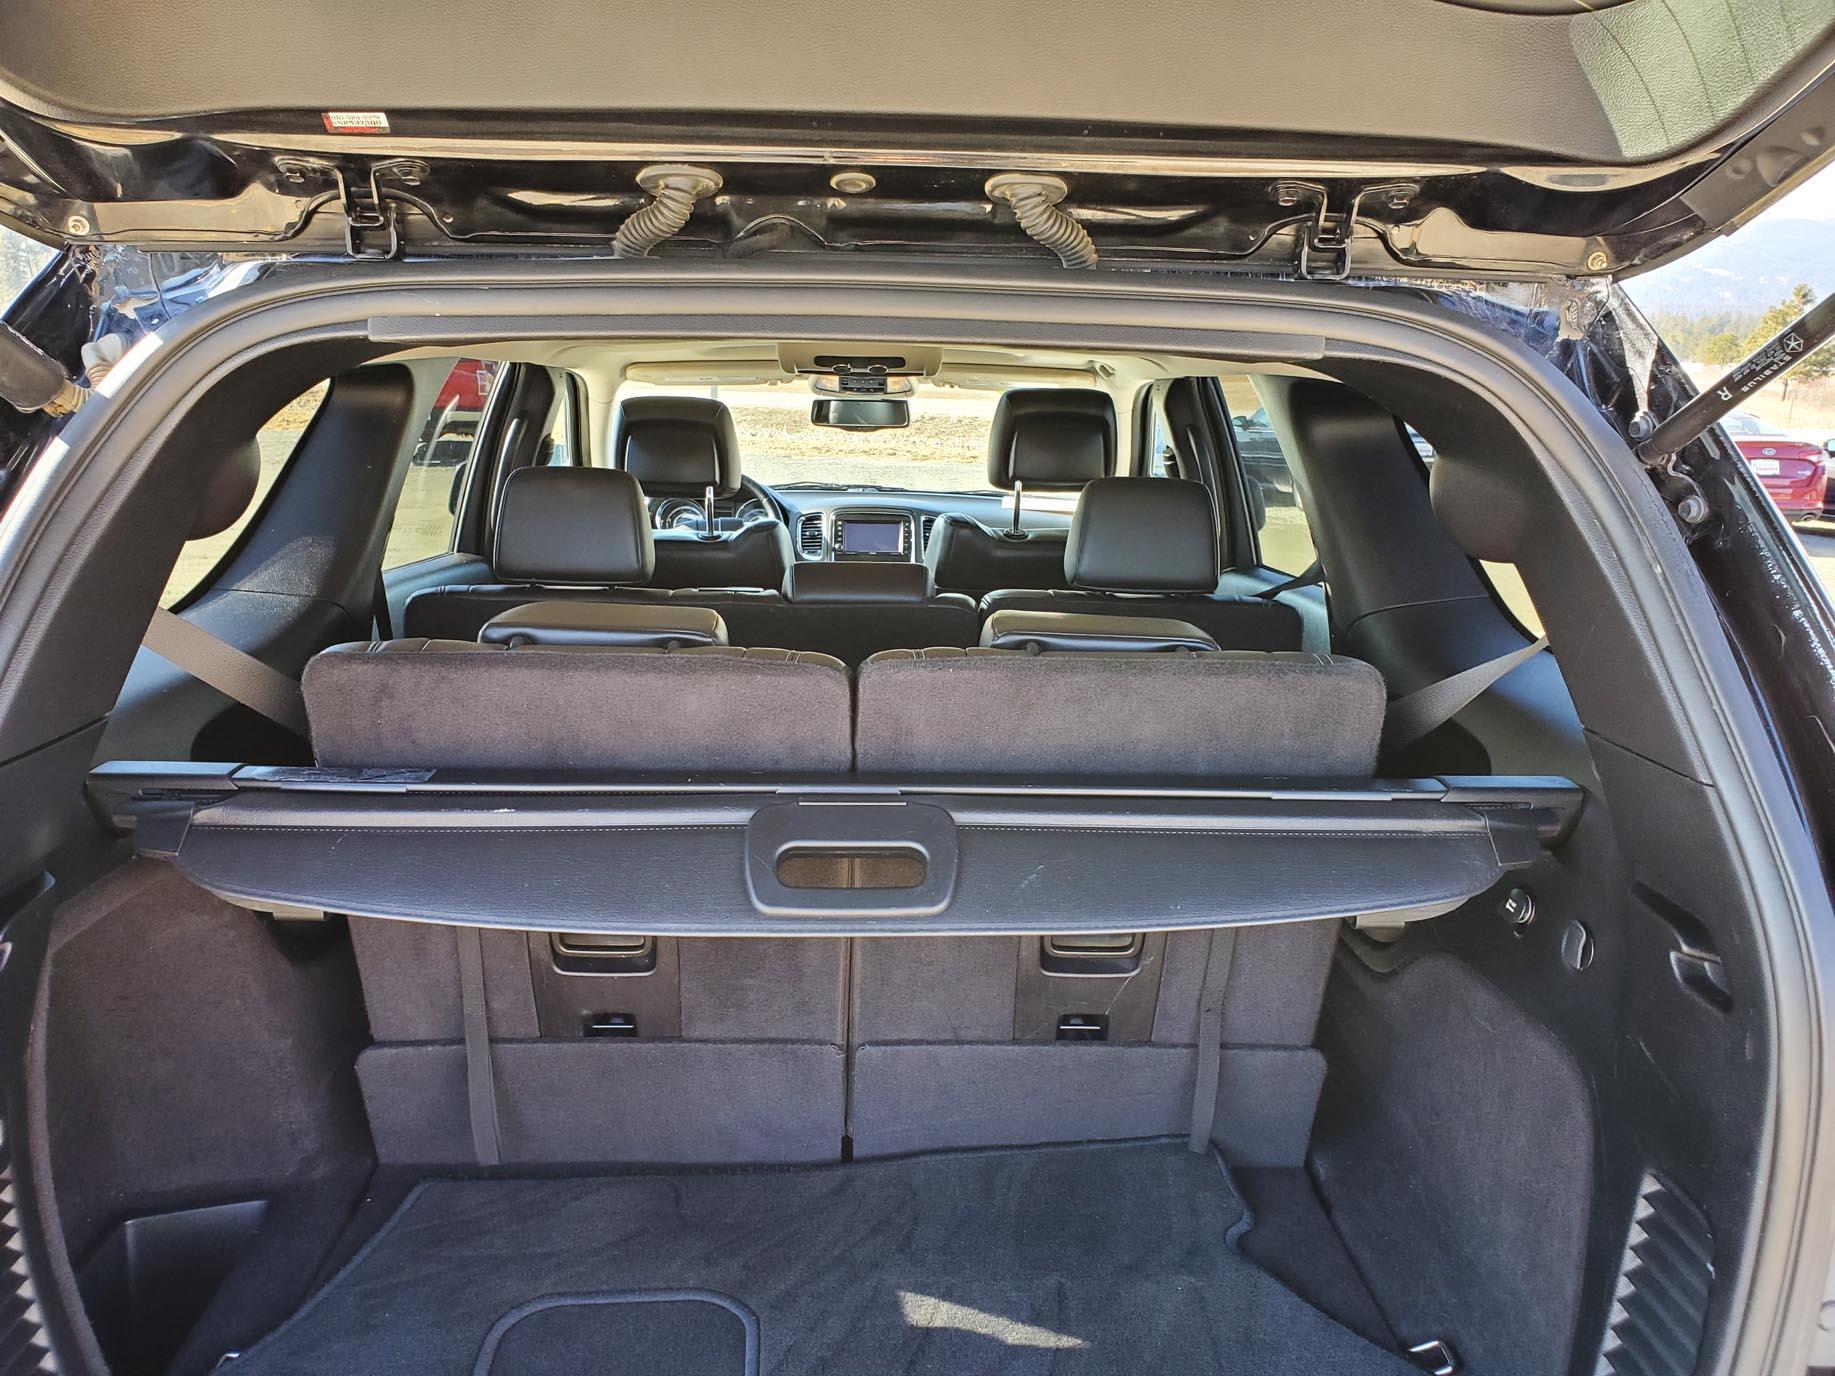 2012 Dodge Durango 1